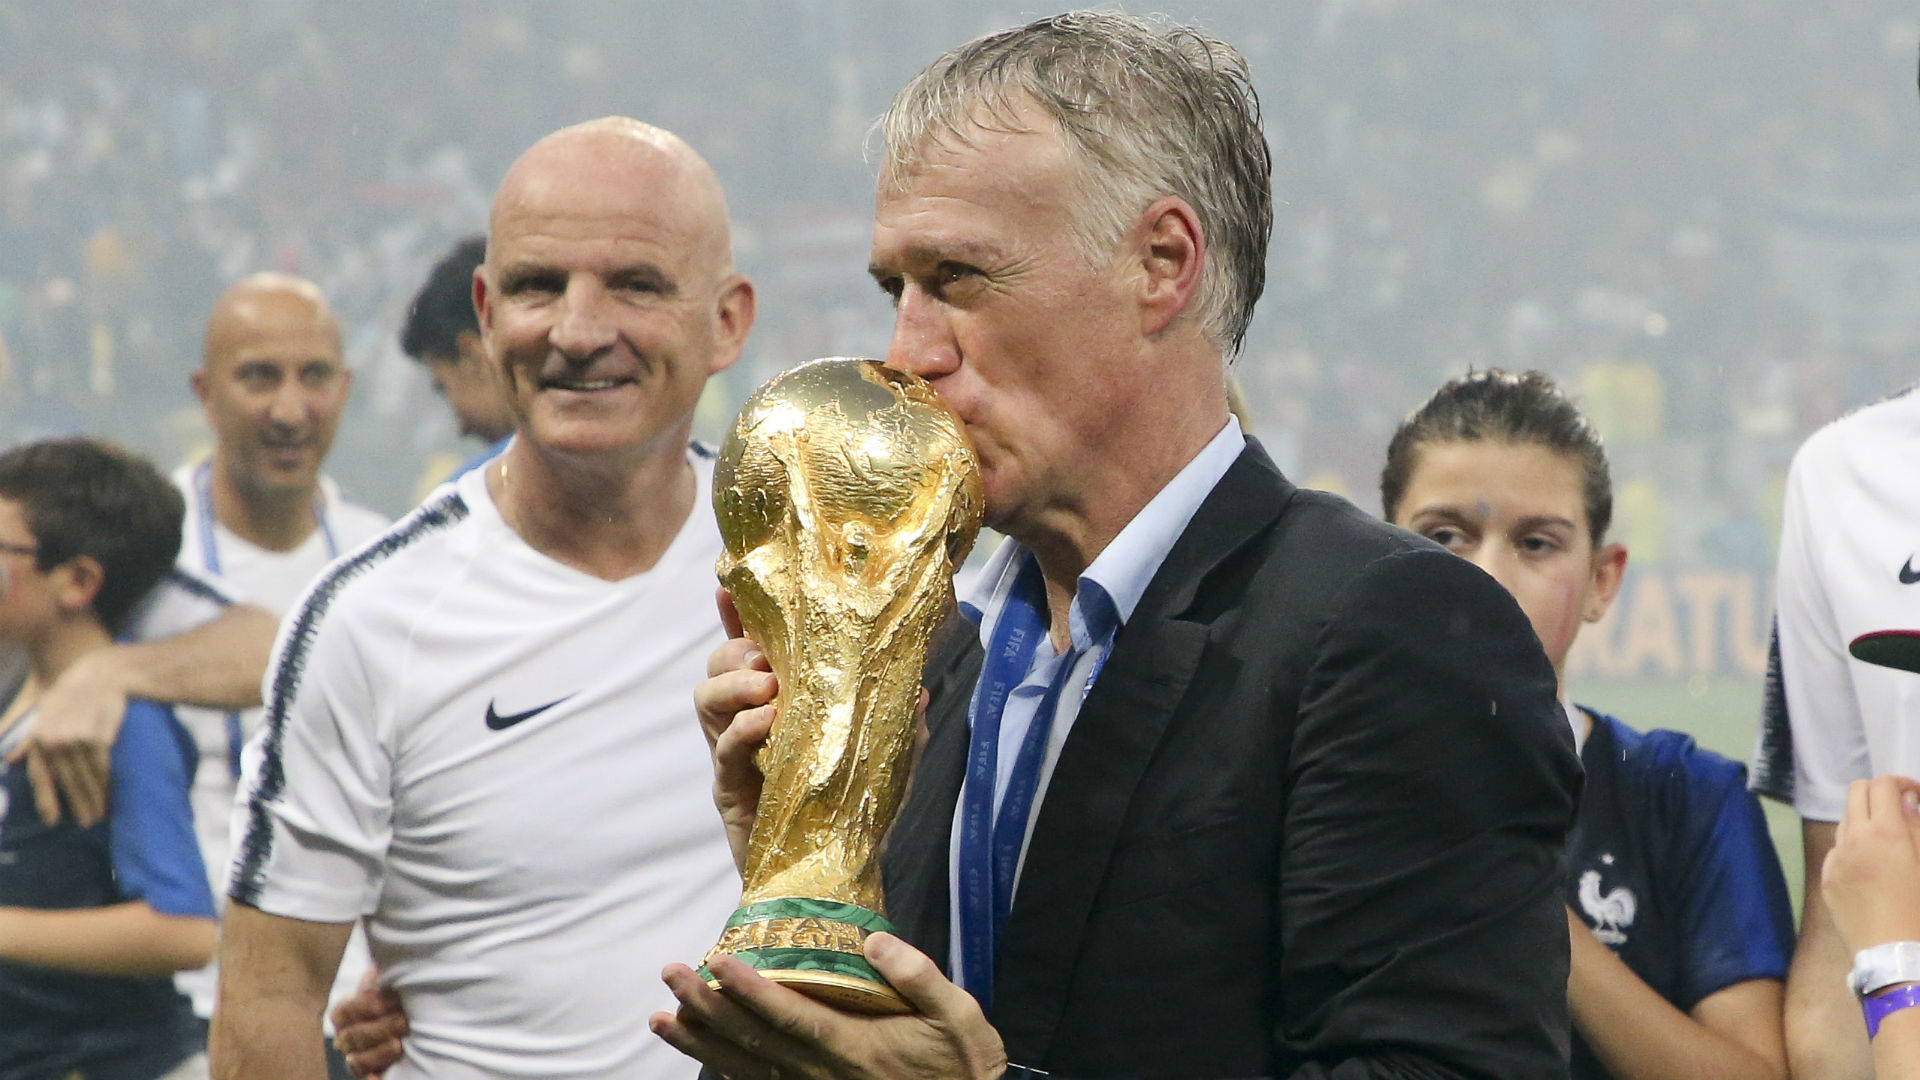 Deschamps wins FIFA Best Men's Coach award